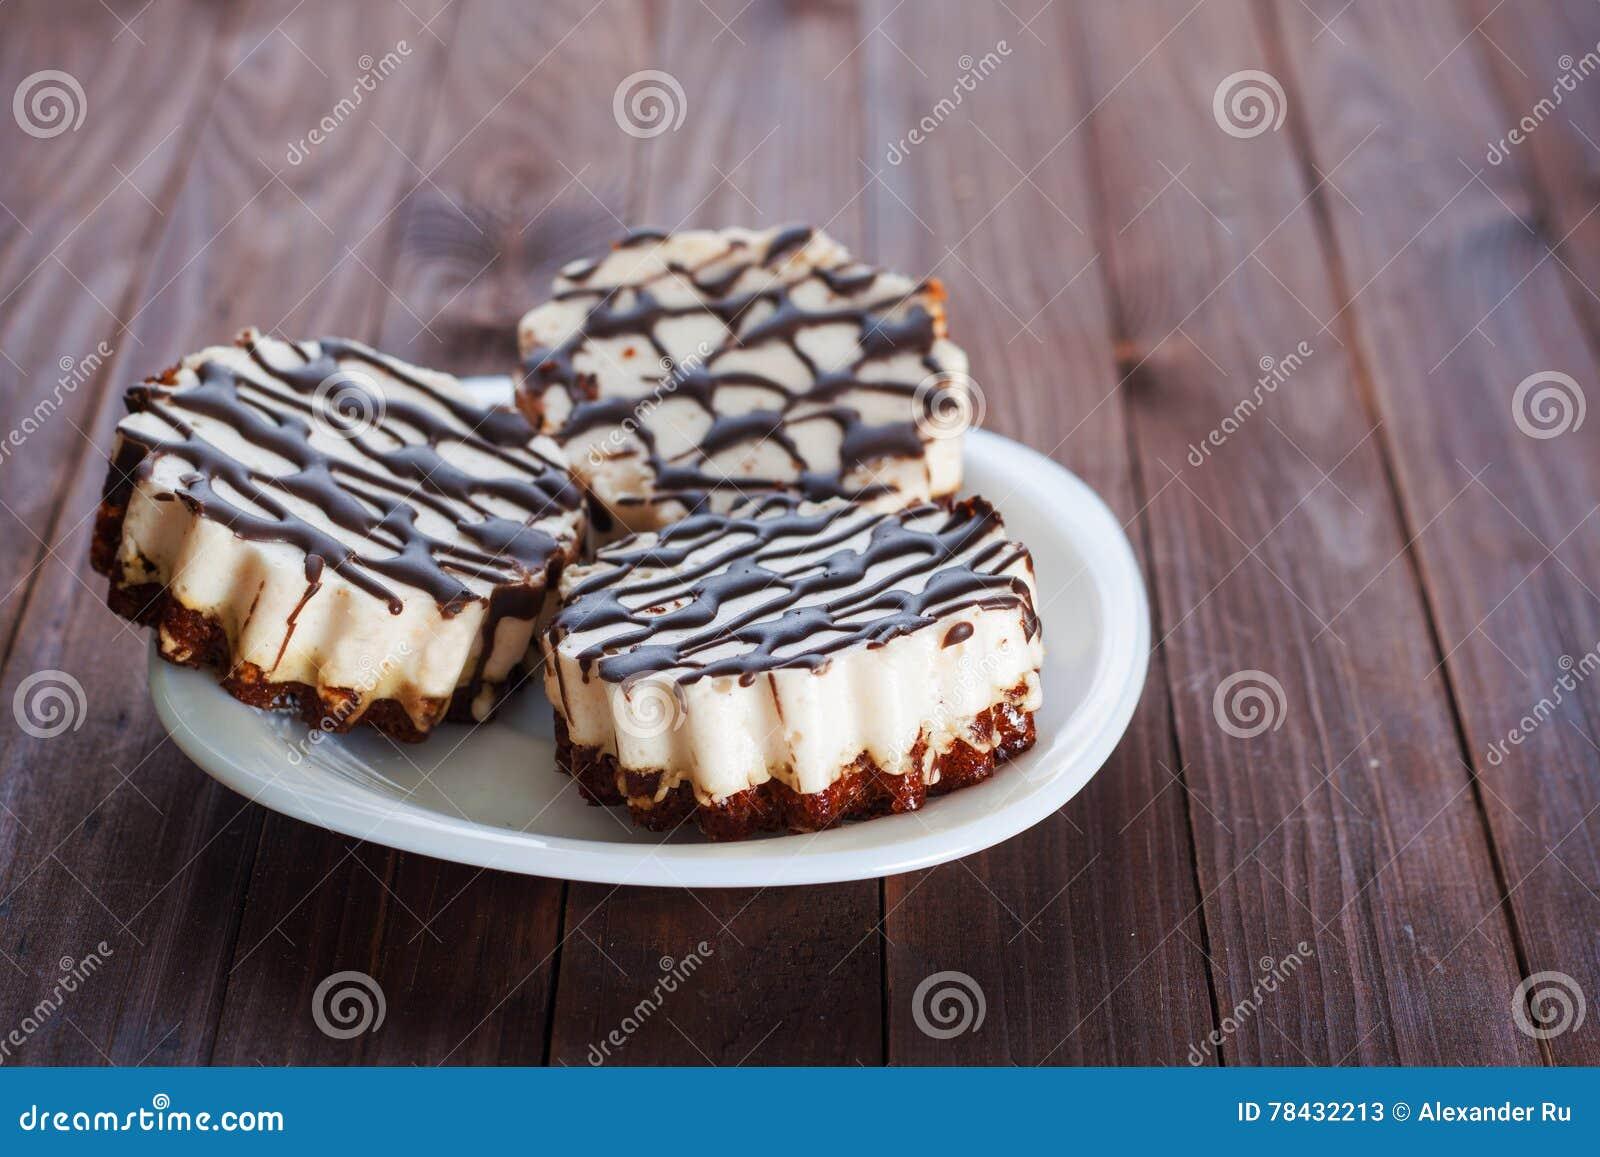 Dark Chocolate Souffle Cake